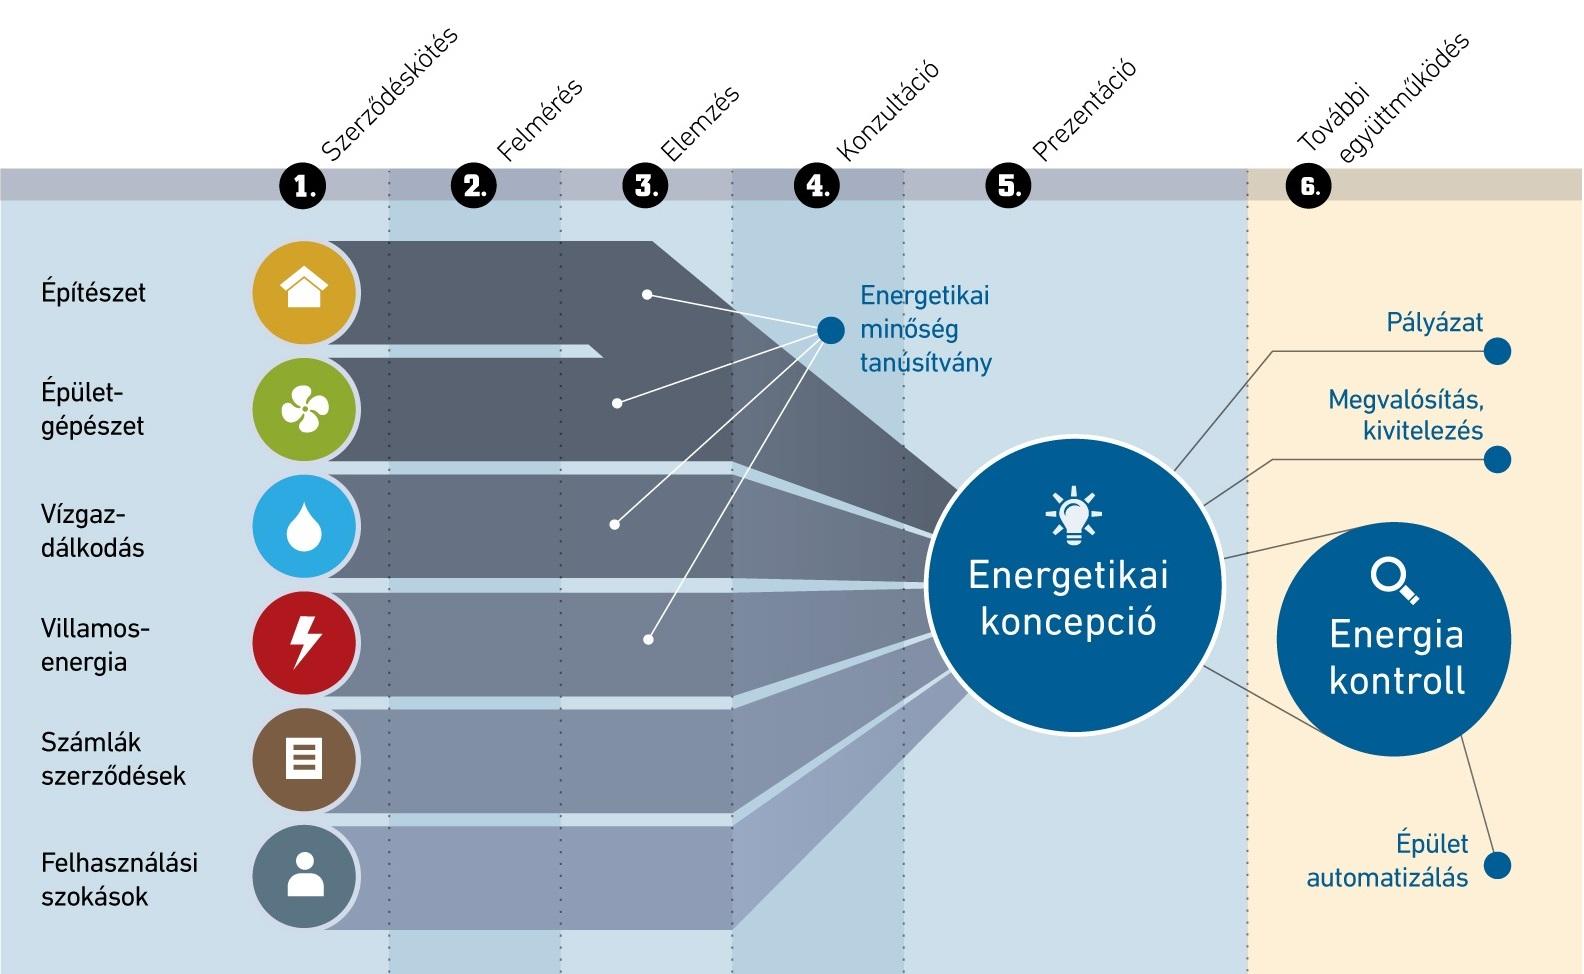 Energia tanácsadás - energiatakarékos építészeti és gépészeti megoldások